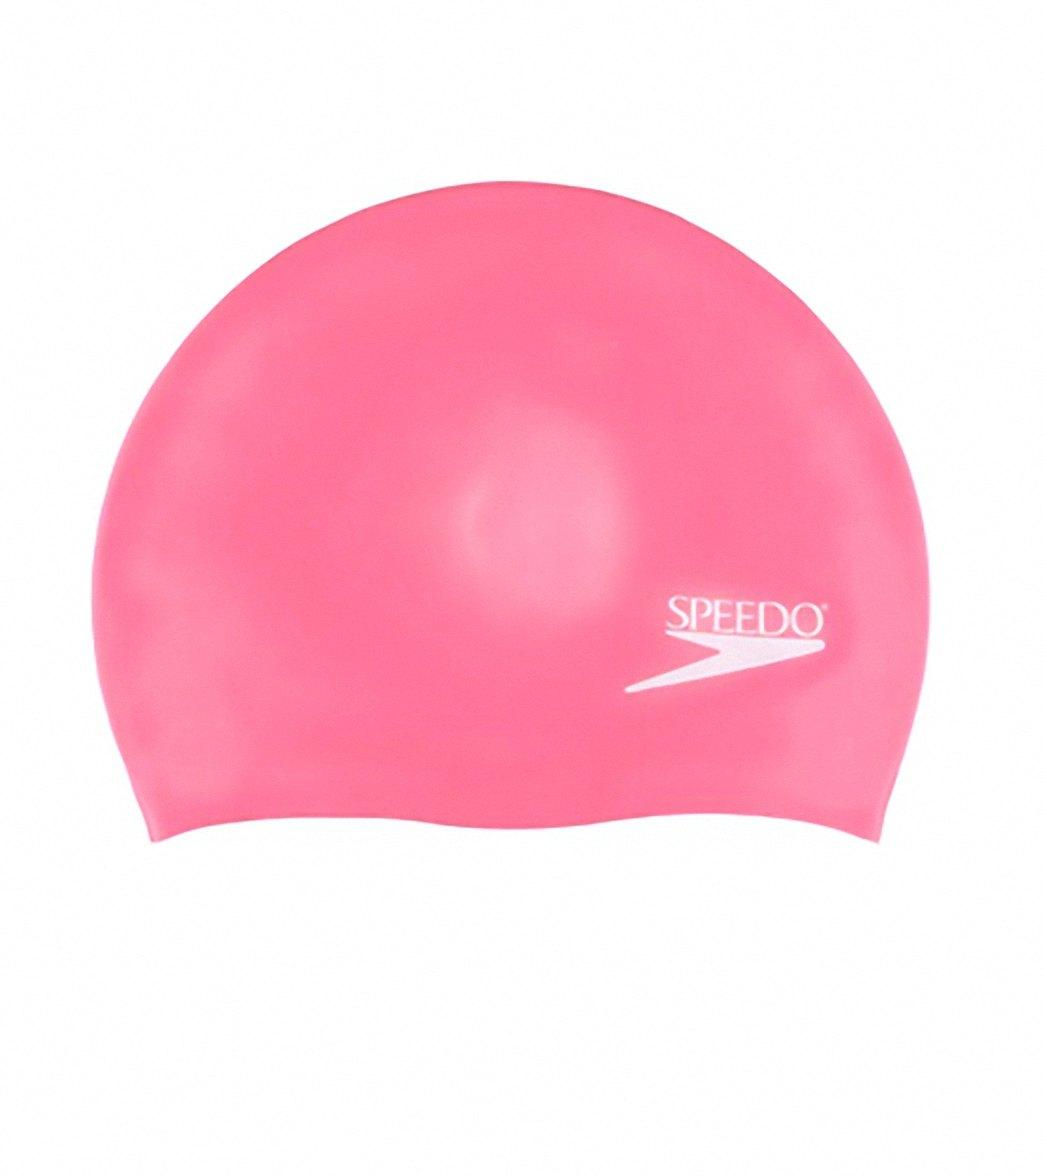 c25a78d2f31 Speedo Silicone Swim Cap at SwimOutlet.com